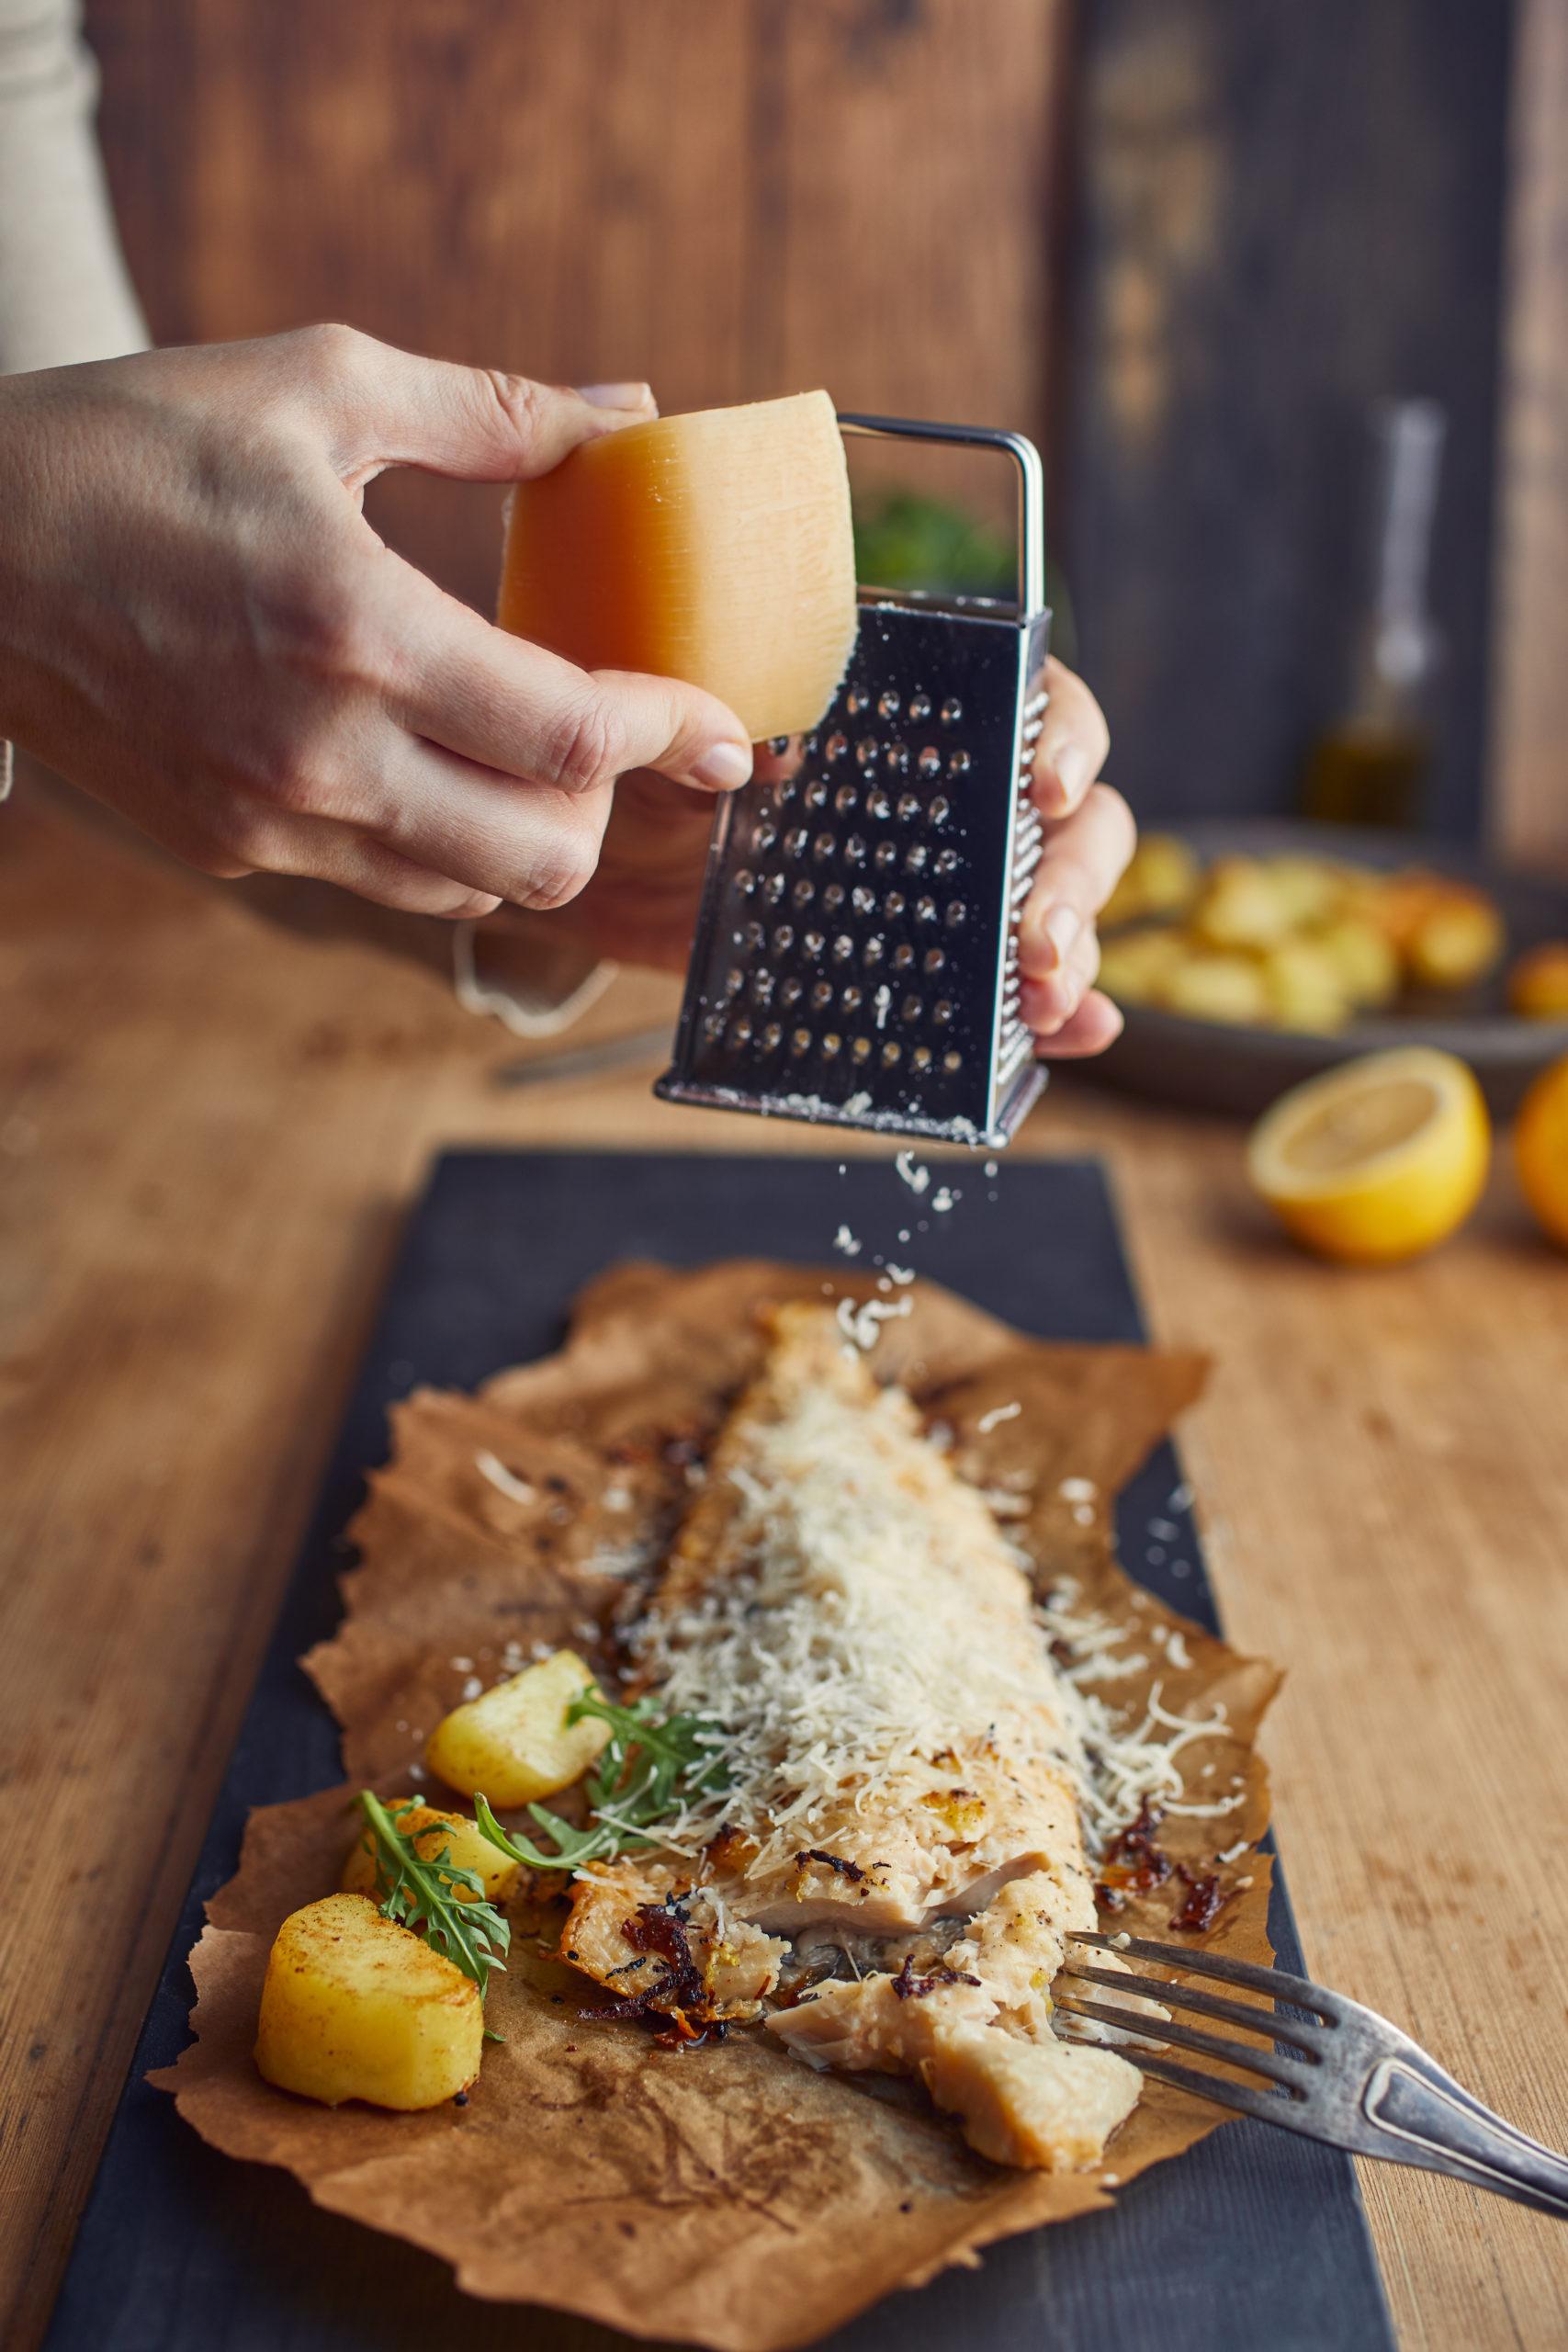 Krāsnī cepta zivs siera garoziņā